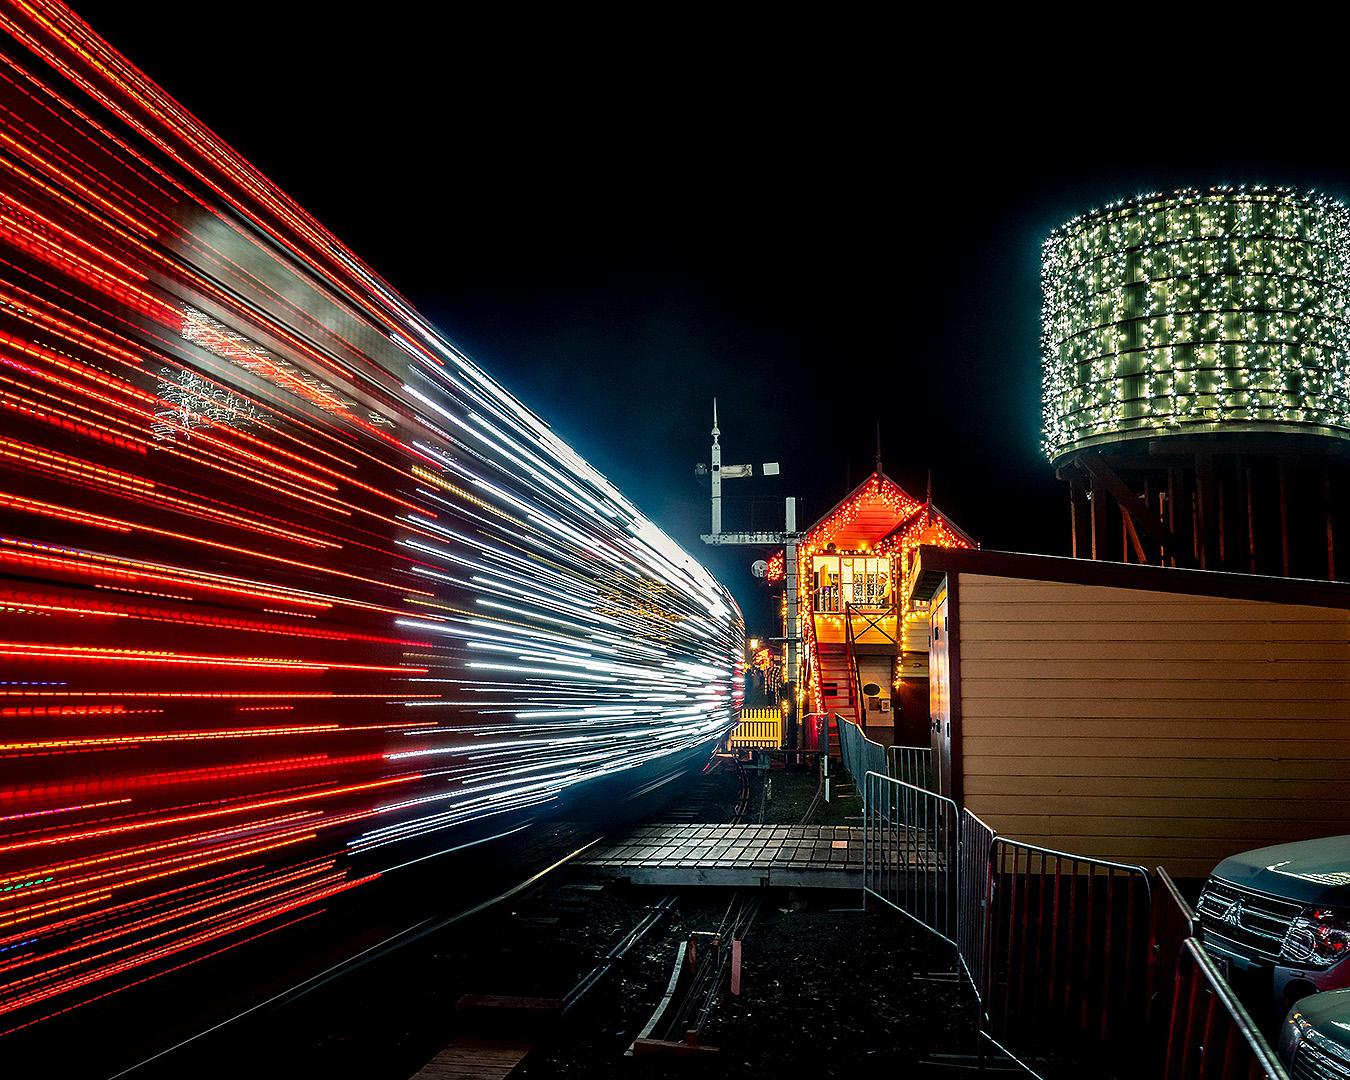 Lights at Glenbrook Vintage Railway